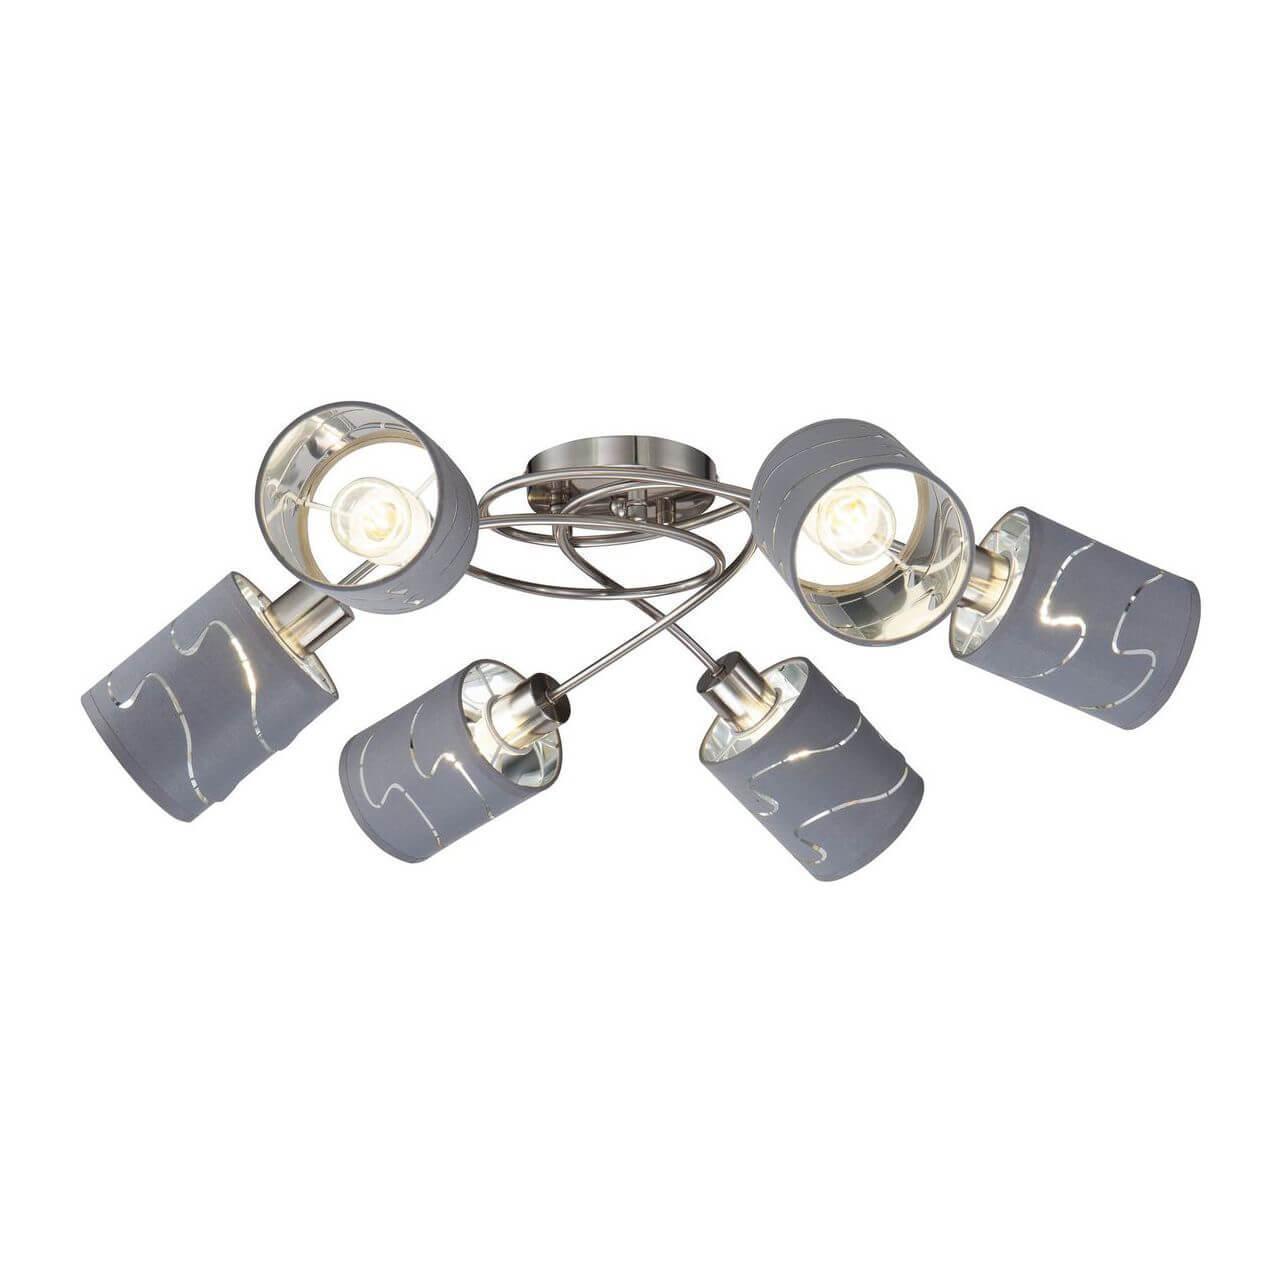 цены на Потолочный светильник Freya FR5001CL-06N, E14, 60 Вт  в интернет-магазинах